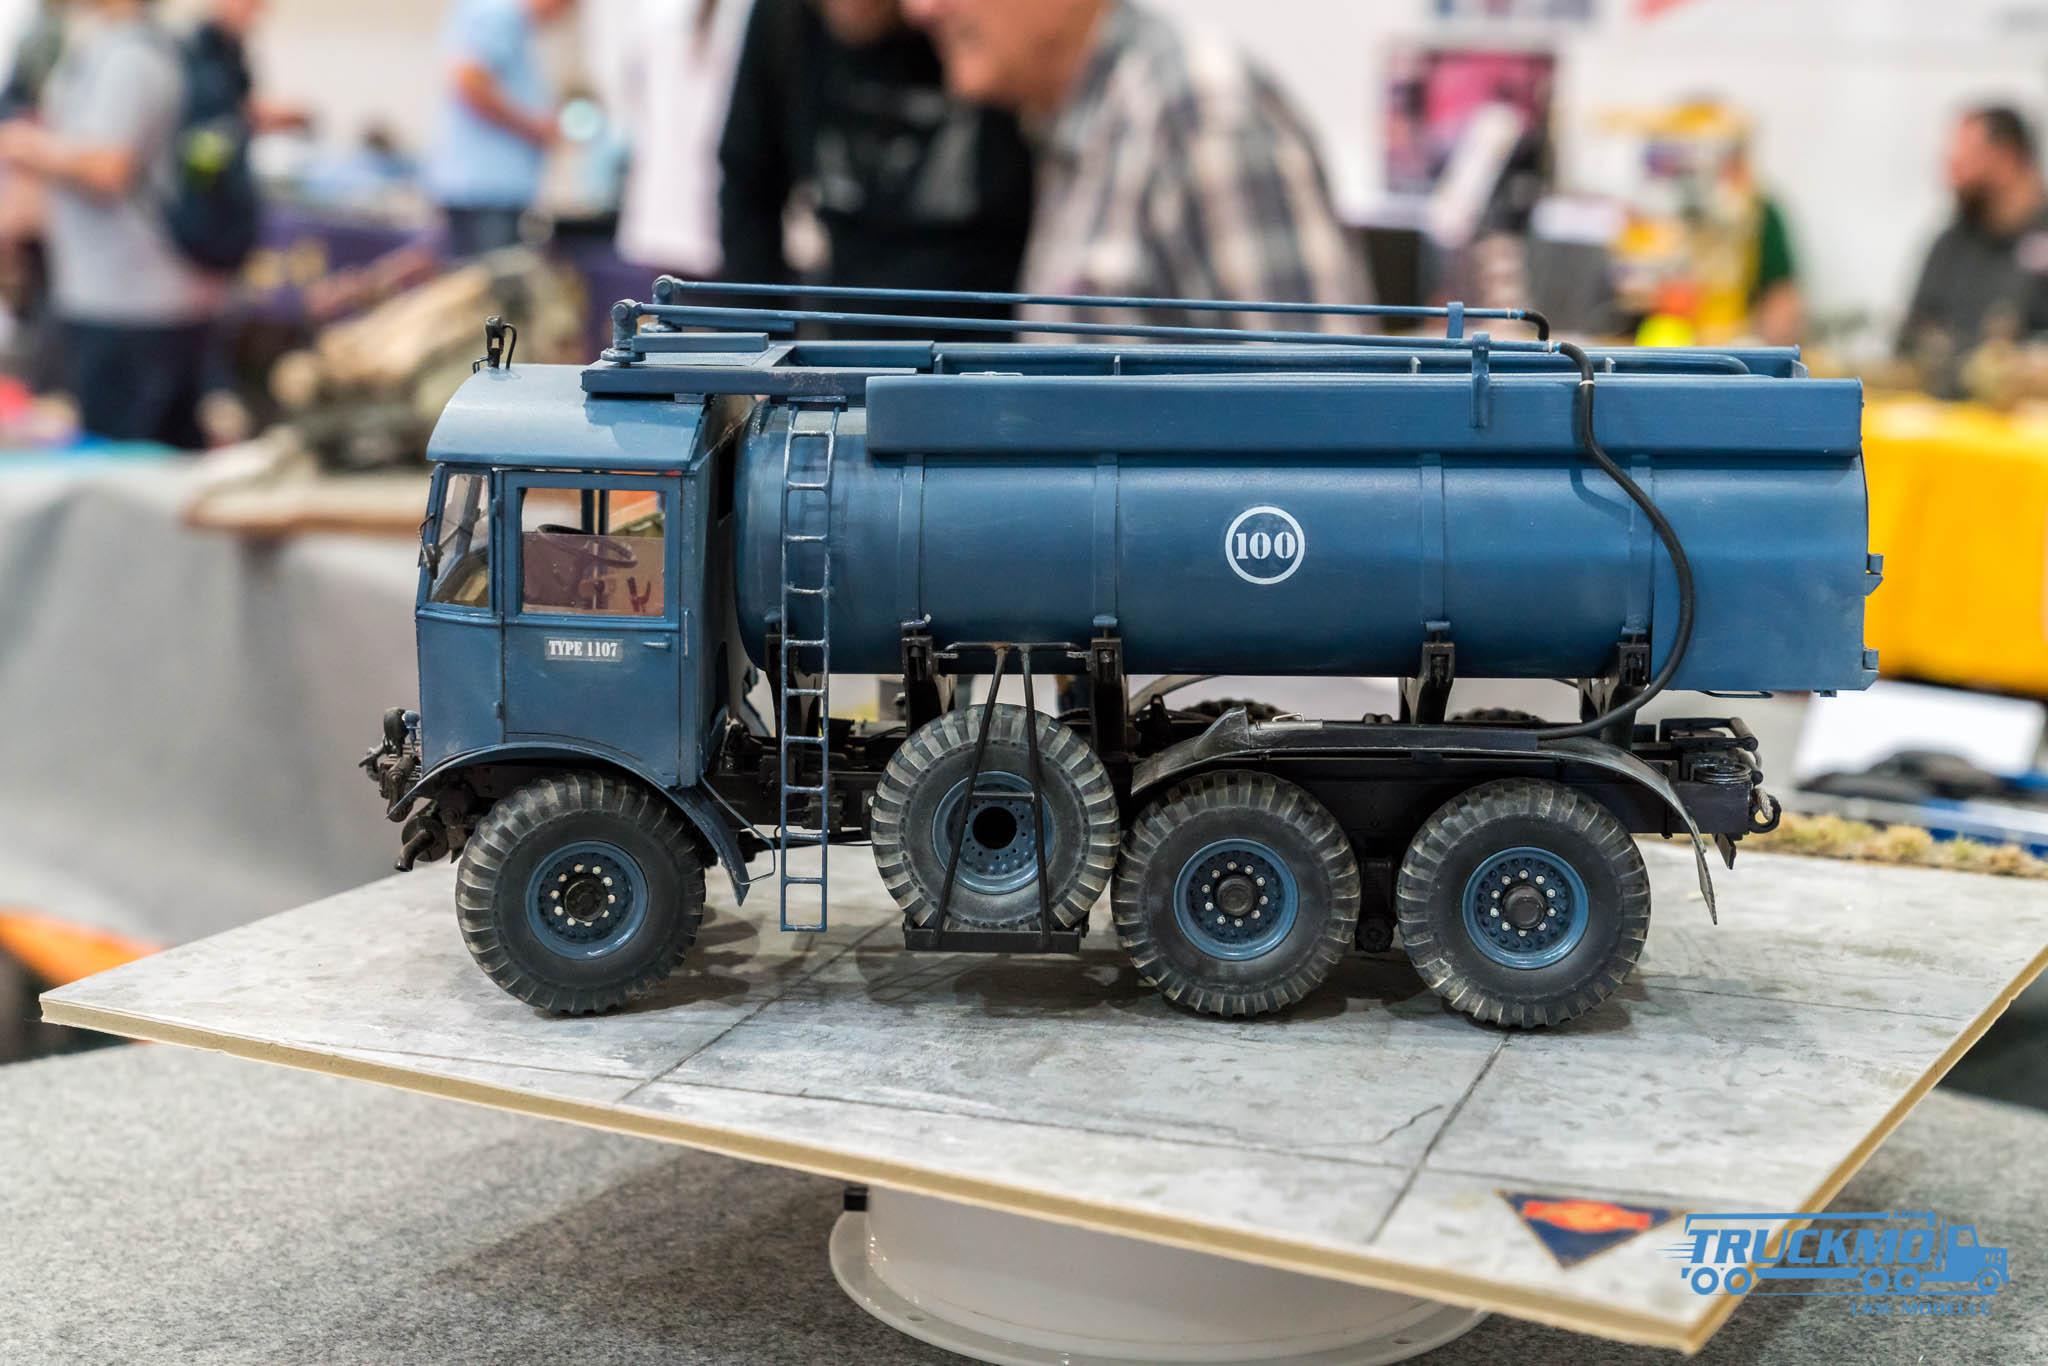 Truckmo_Modellbau_Ried_2017_Herpa_Messe_Modellbauausstellung (439 von 1177)